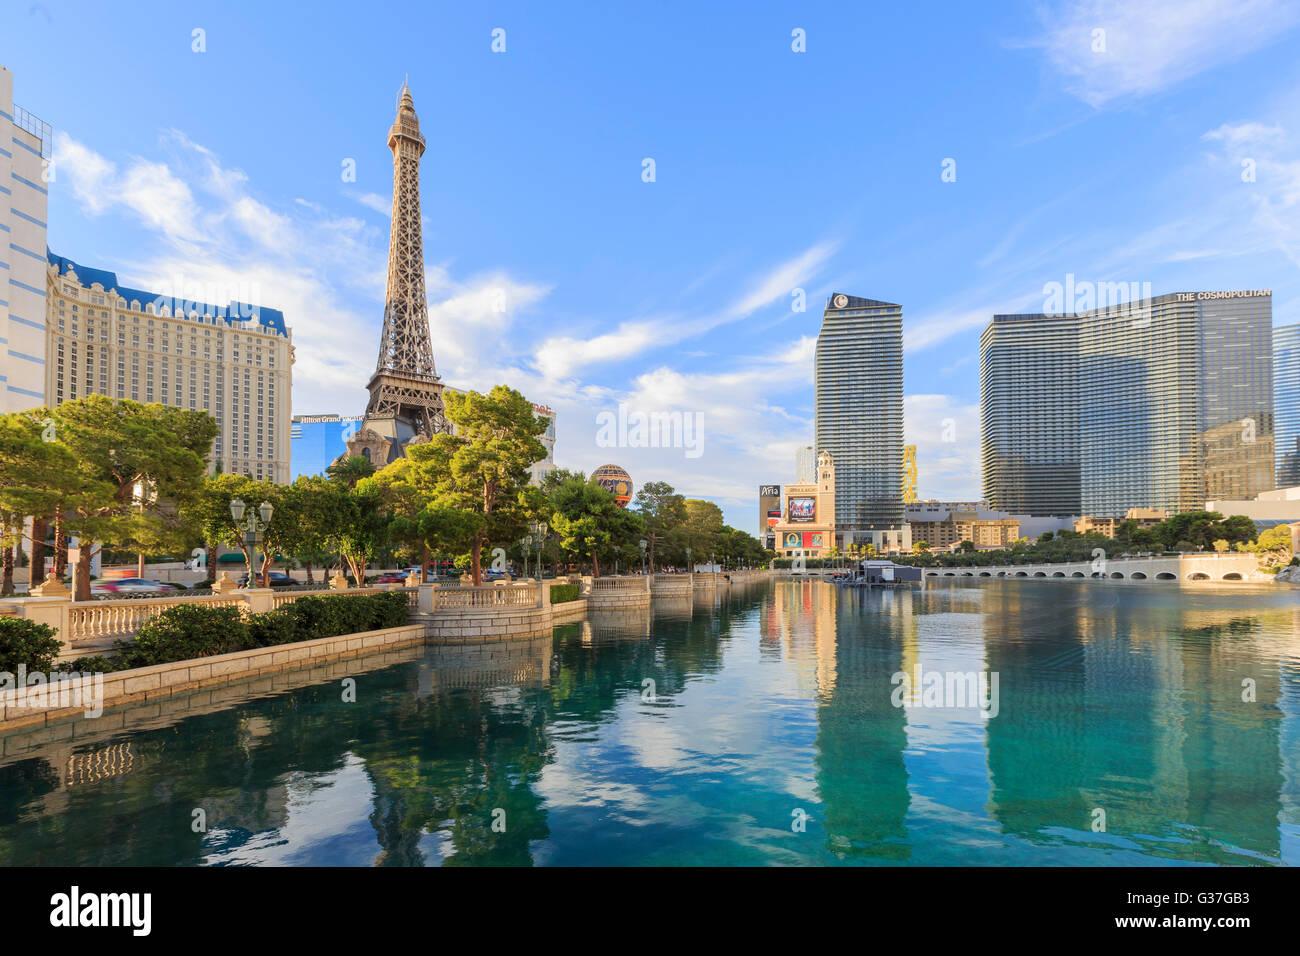 5 AOÛT, Las Vegas: Le célèbre Las Vegas Casino de Paris le 5 août 2015 à Las Vegas, Photo Stock